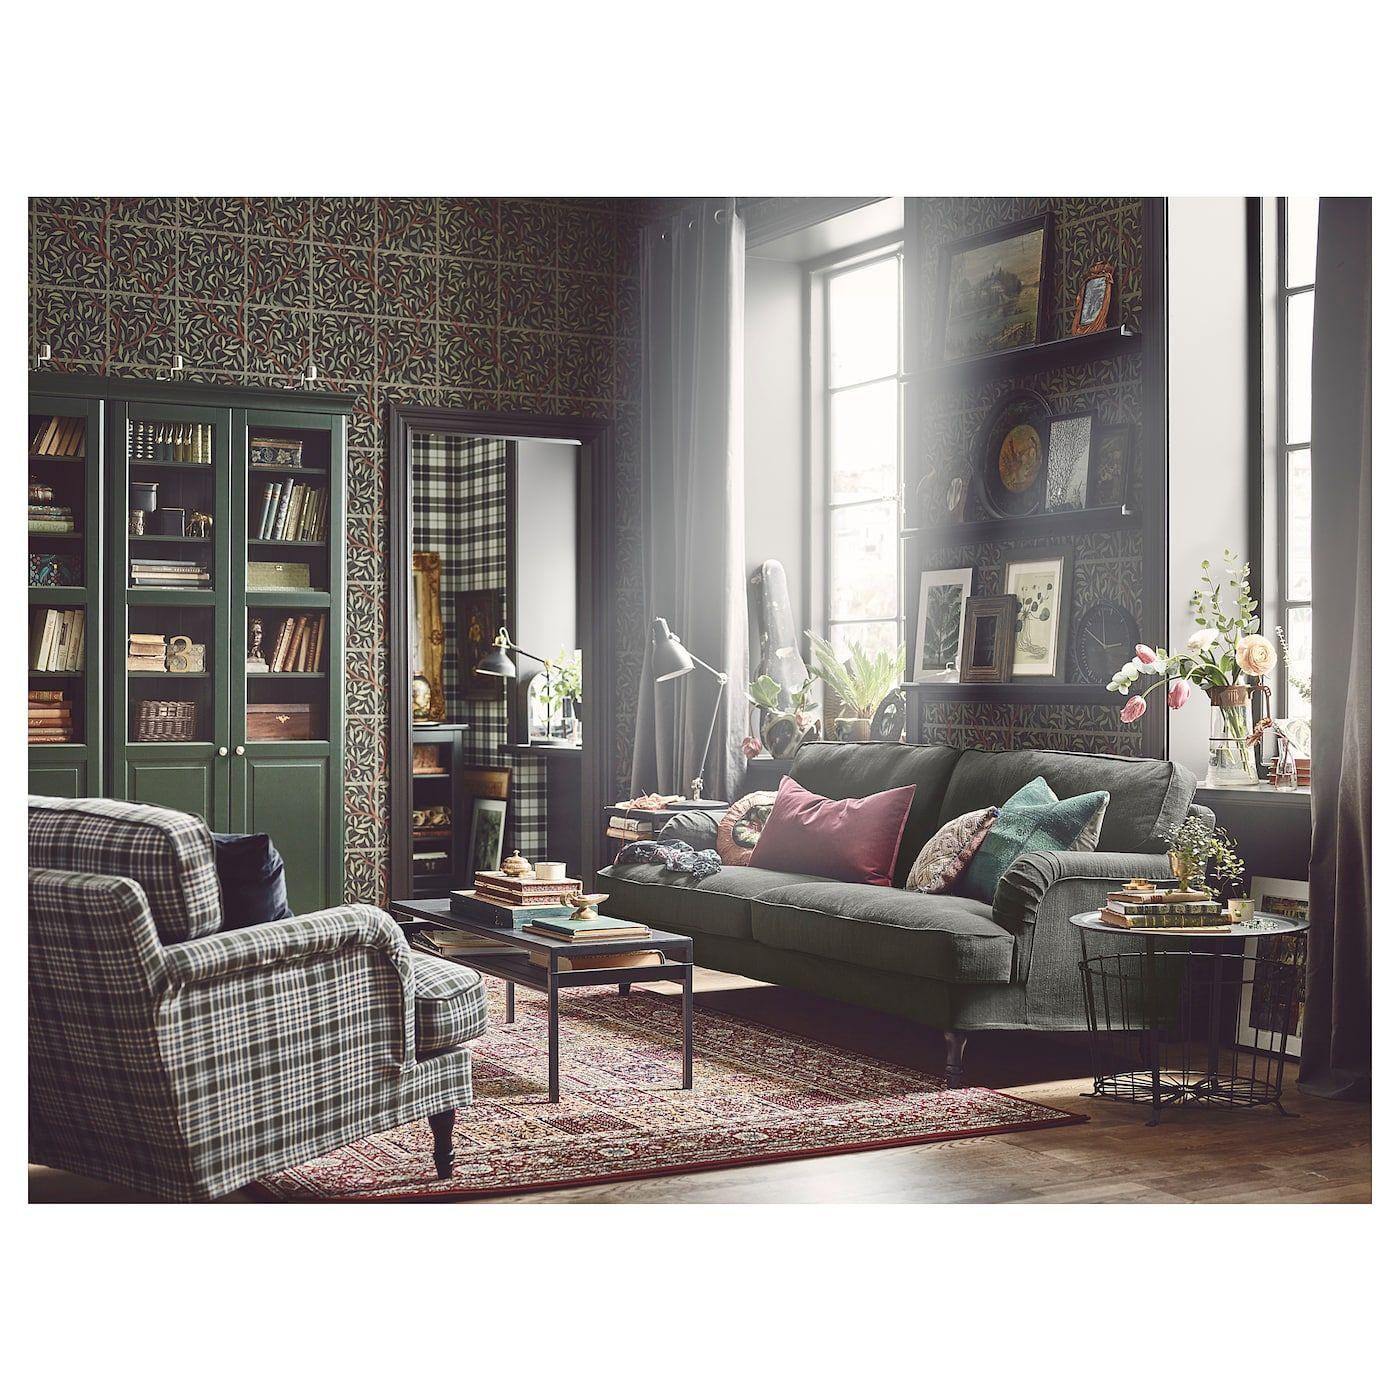 stocksund sofa nolhaga dark green official website